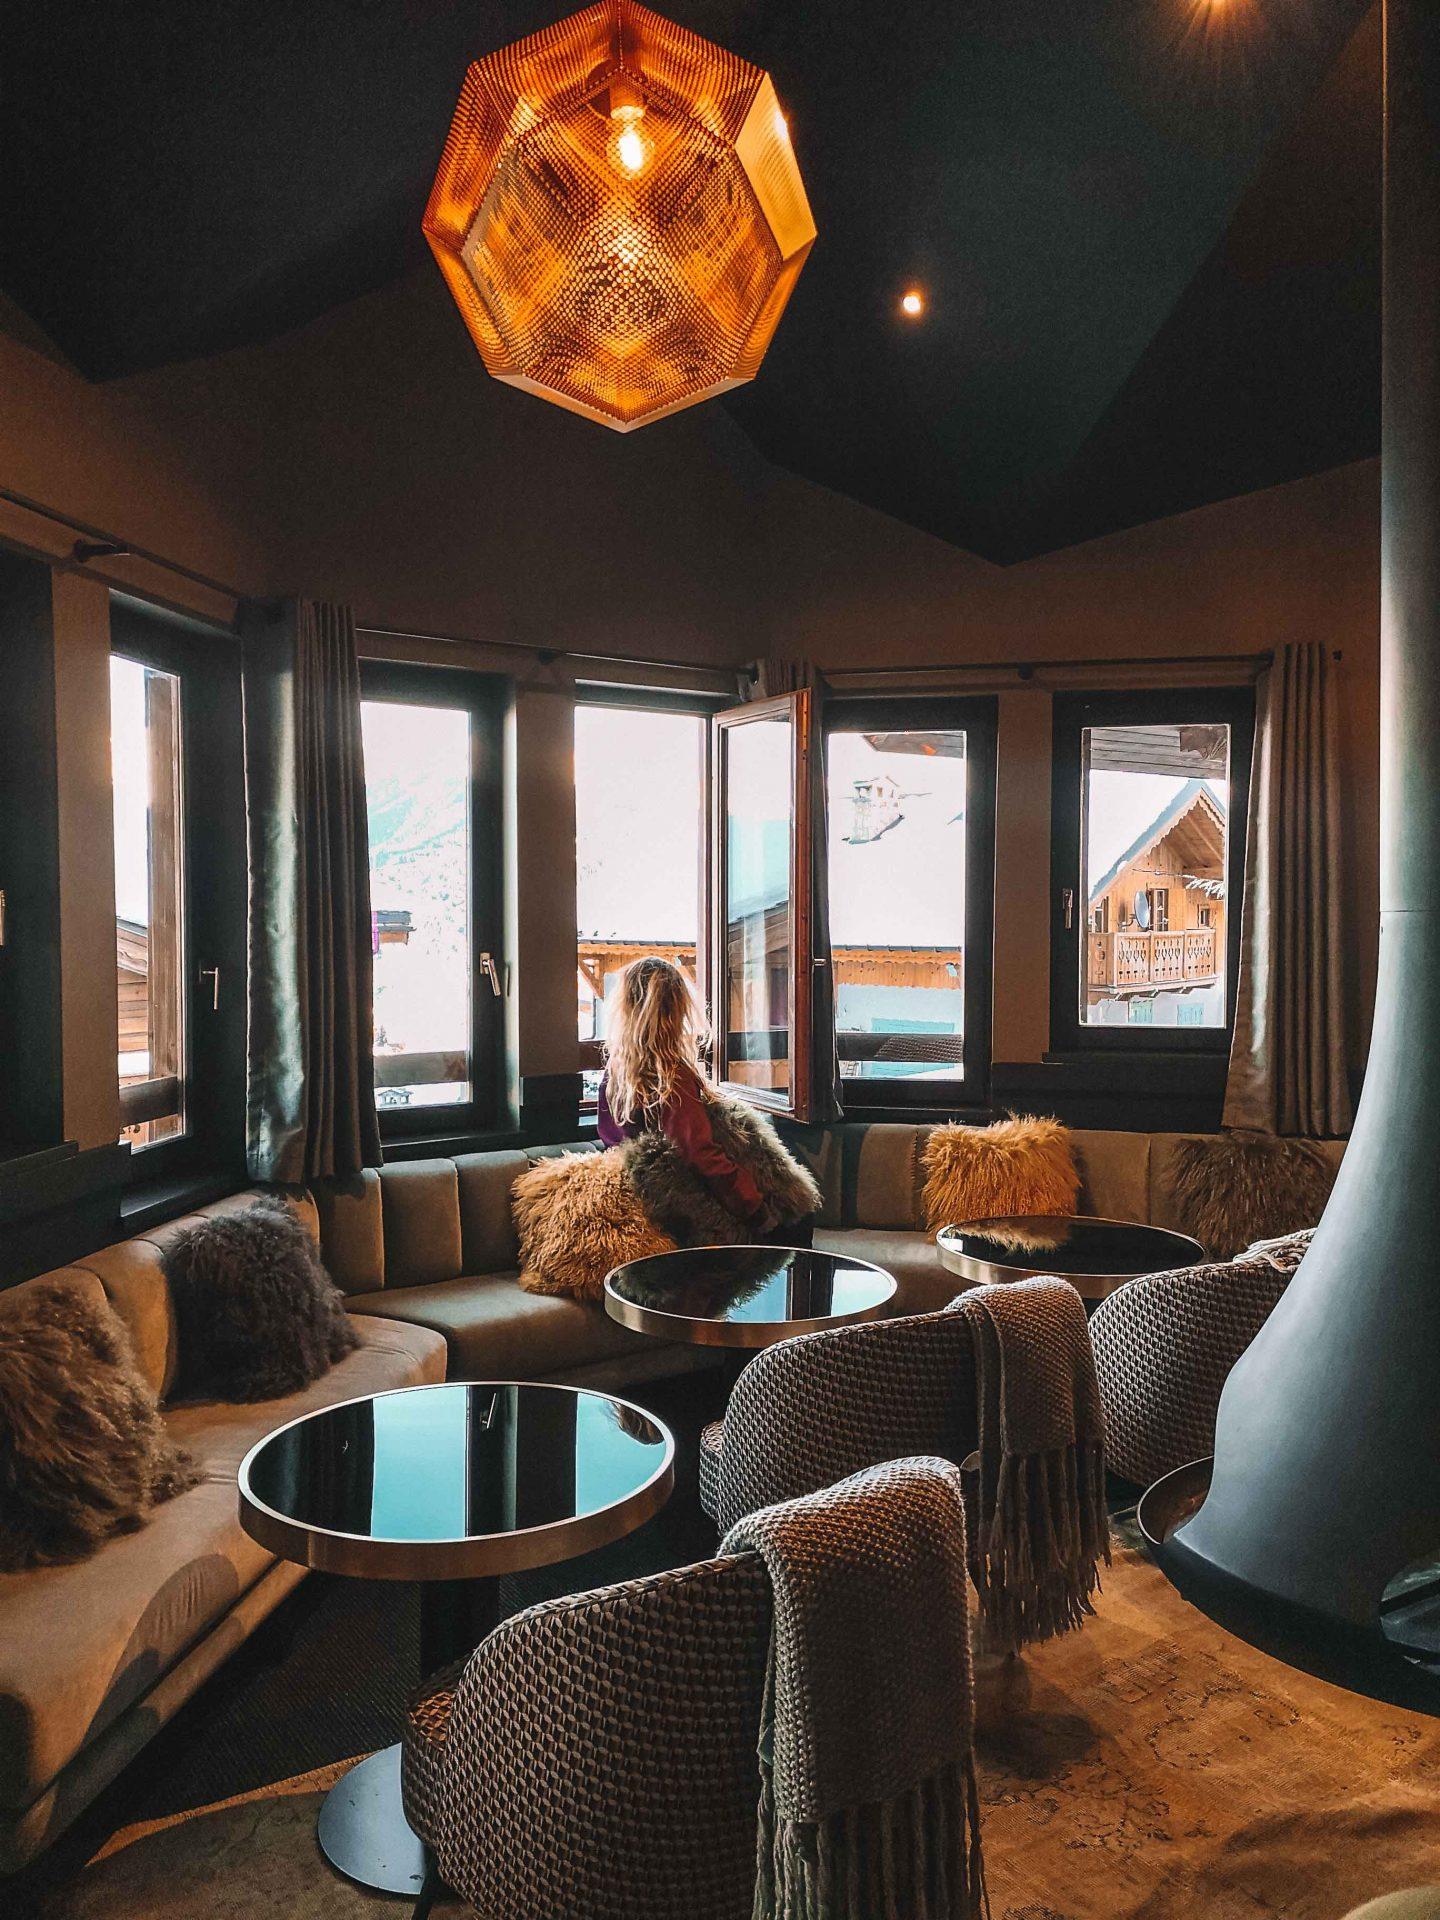 canape_cheminee_salle_hotel_fahrenheit_seven_courchevel